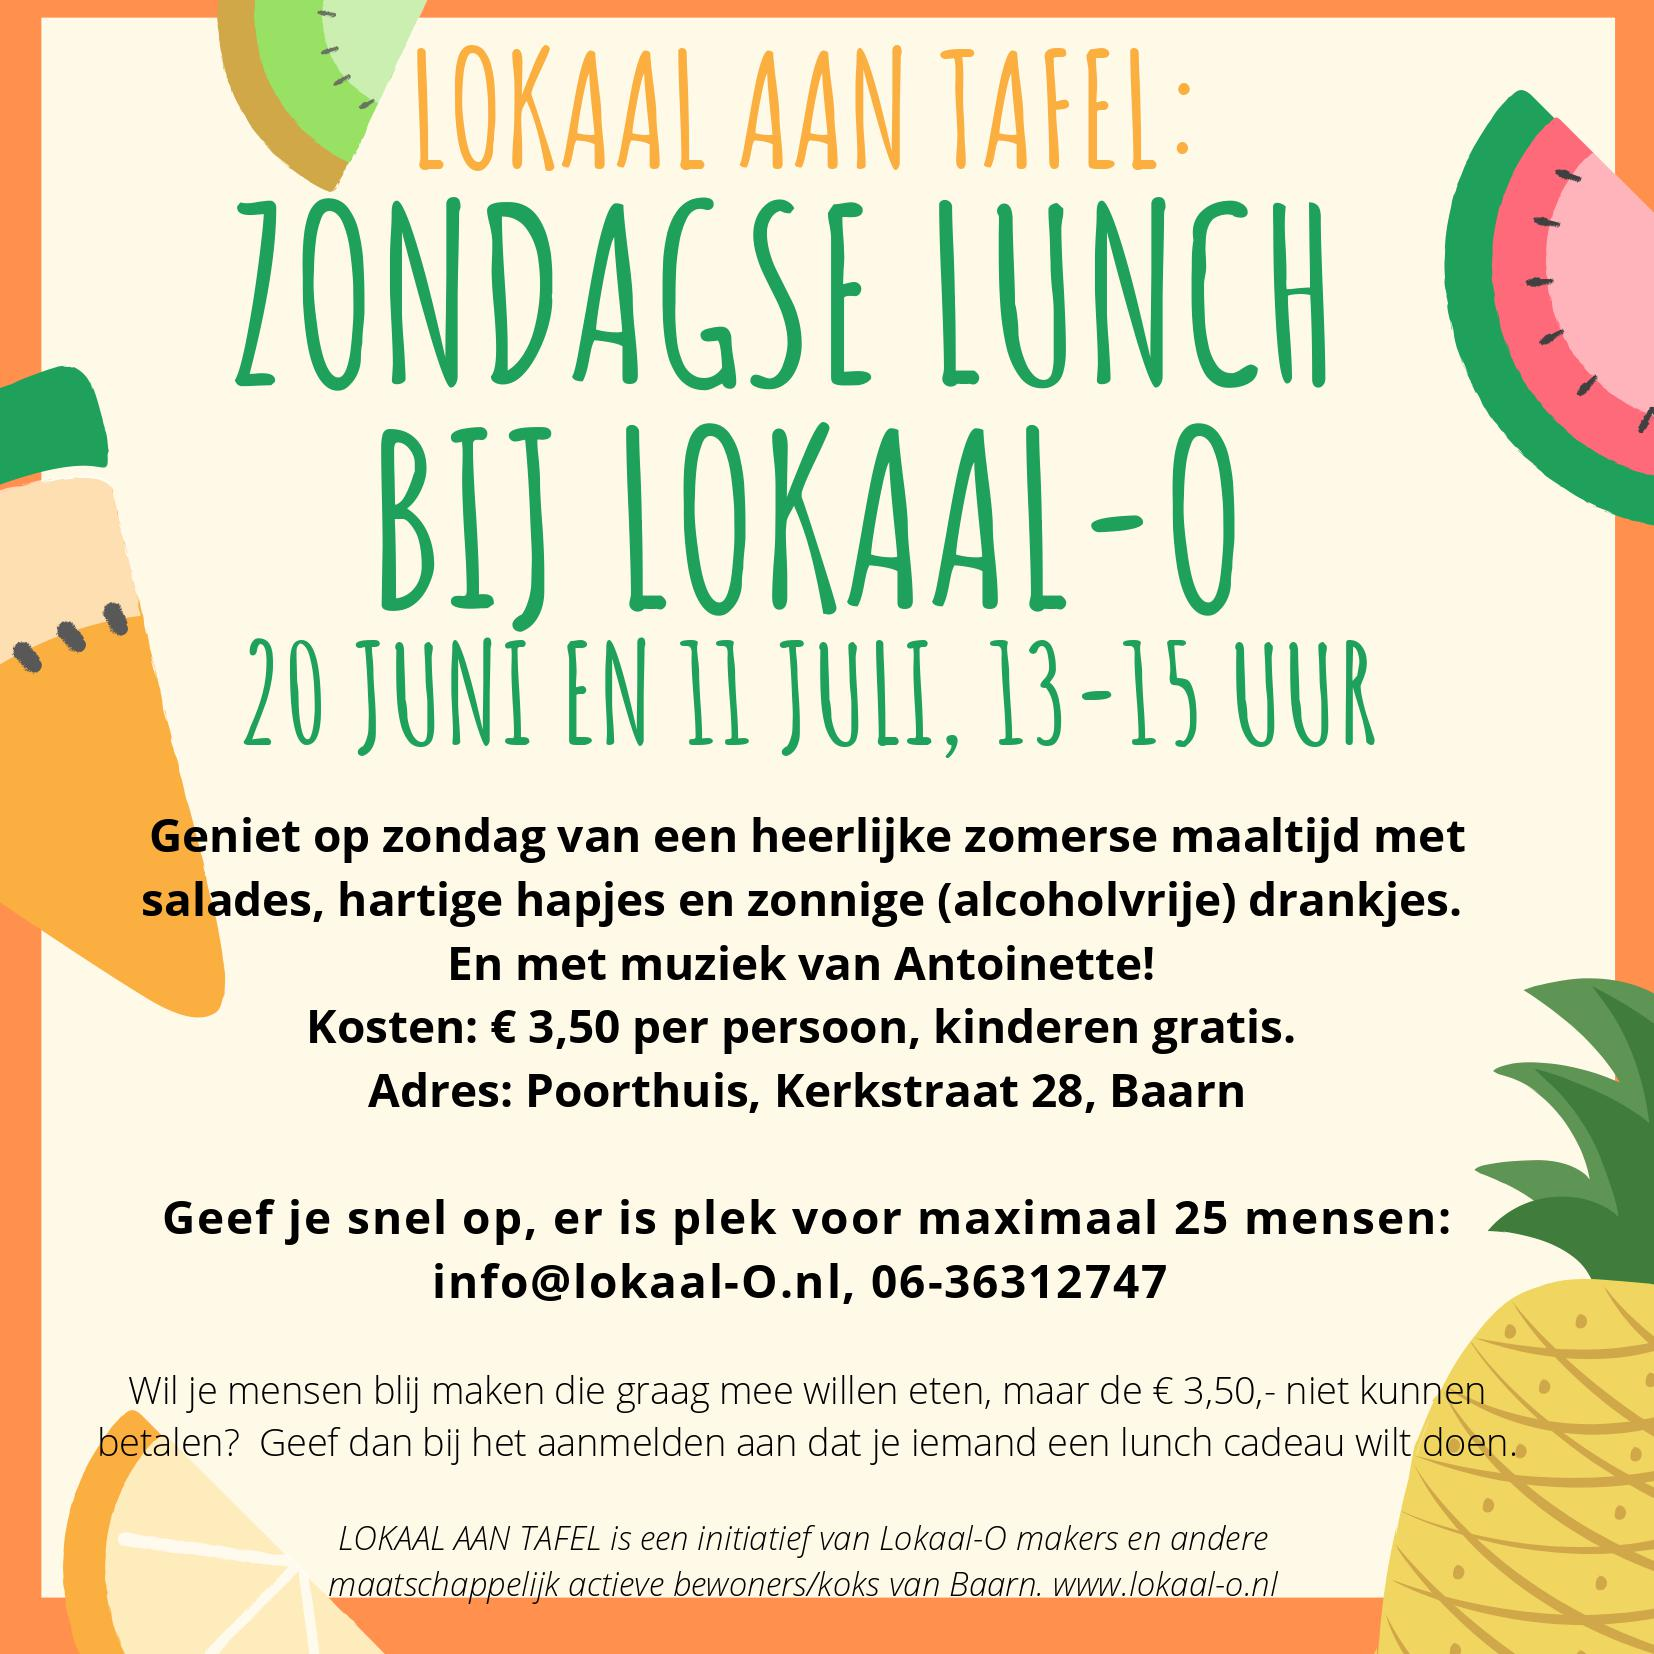 Je bekijkt nu Zondagse Lunches – LOKAAL aan Tafel!